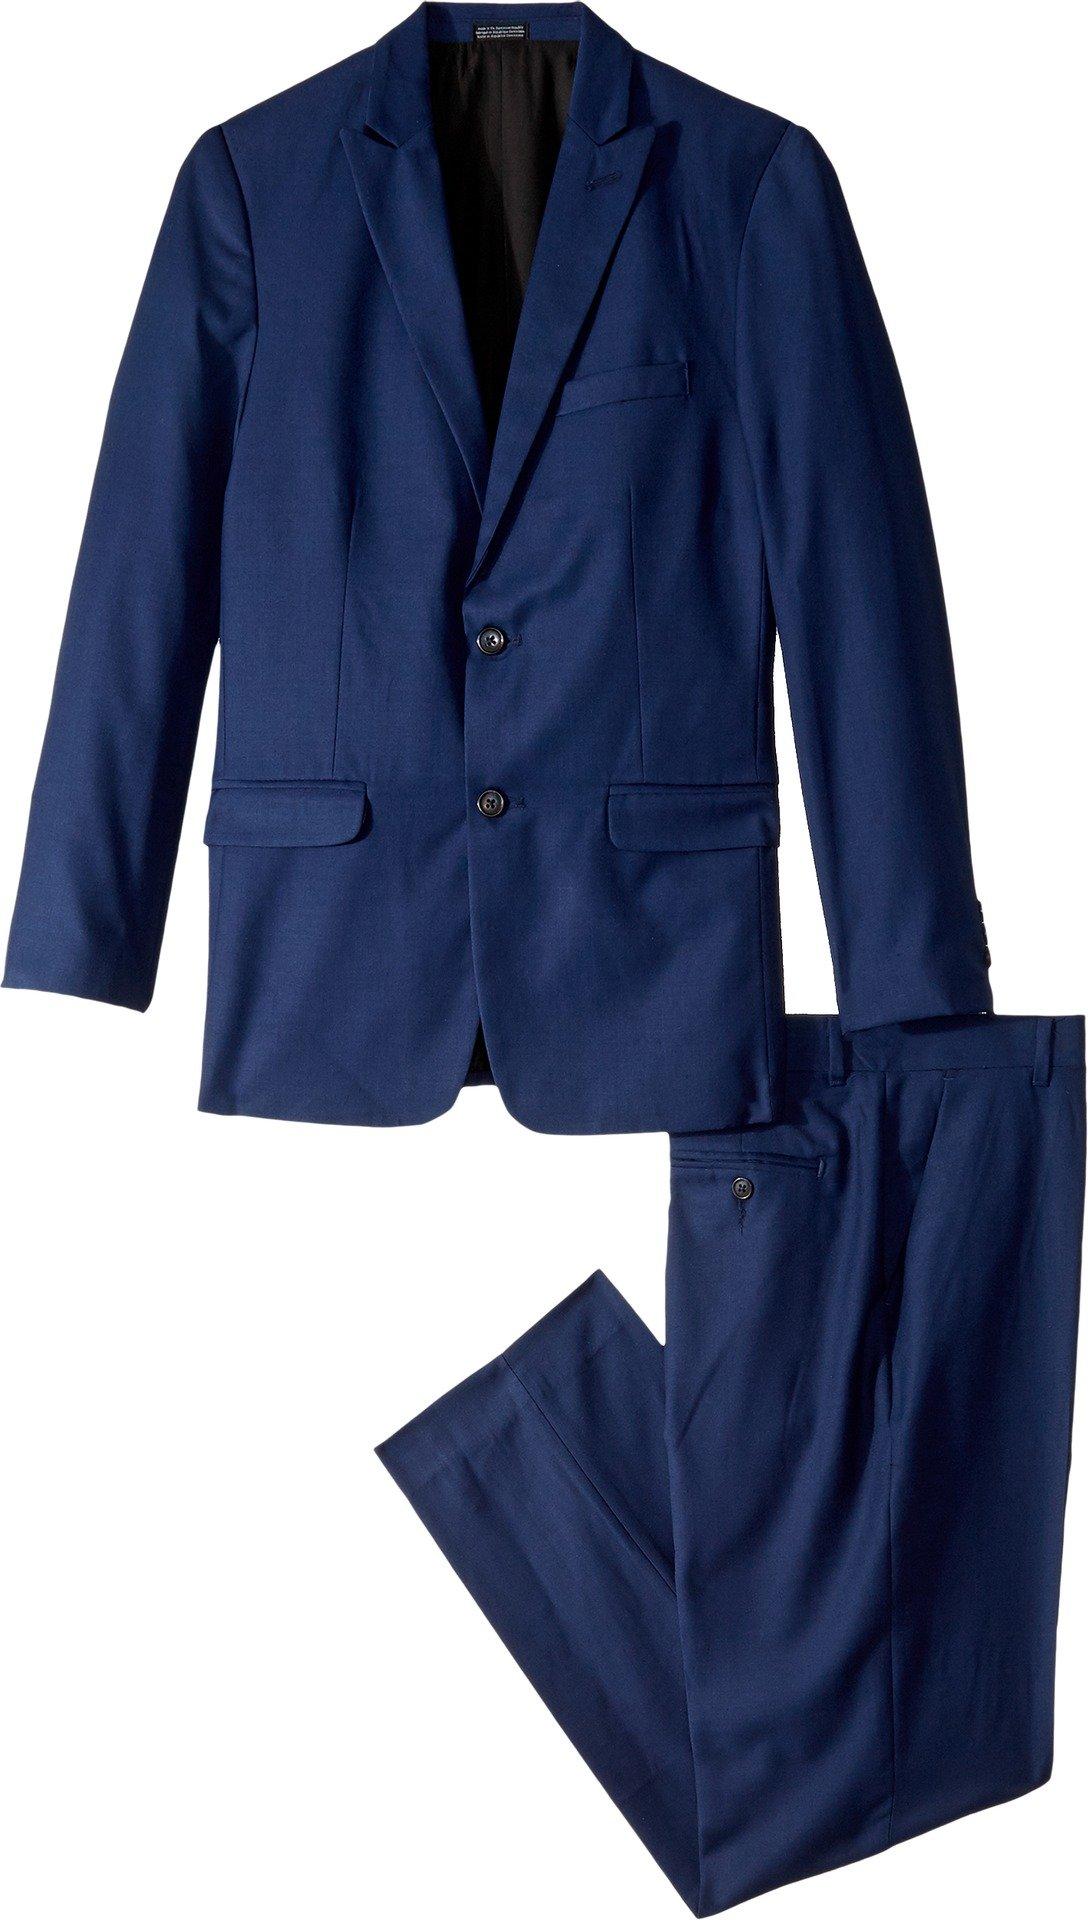 Calvin Klein Little Boys' Two Piece Infinite Blue Suit, Bright Blue, 5